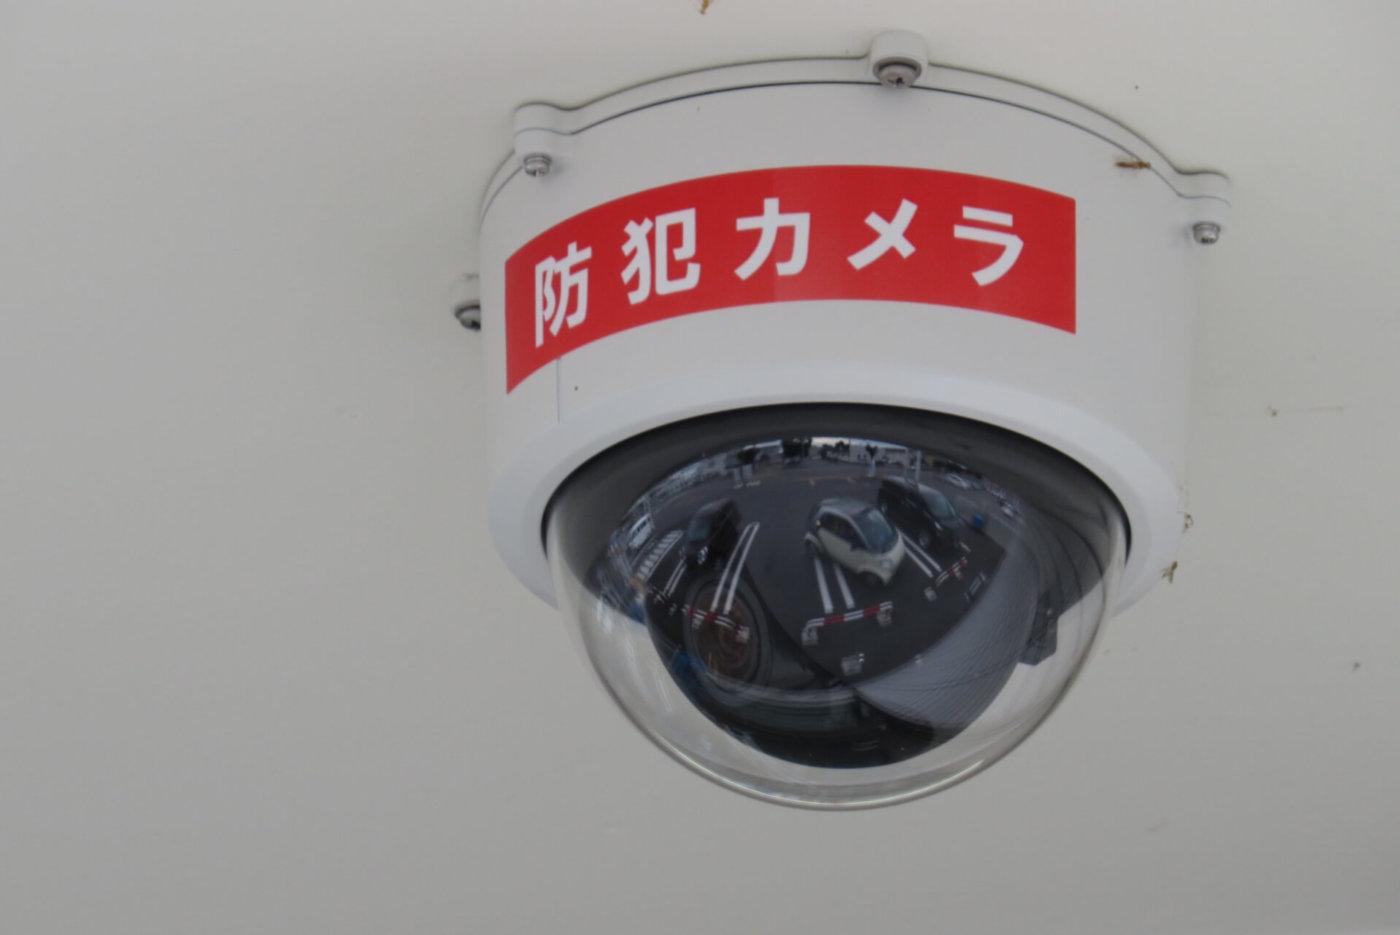 実際どうなの?カラオケ店の防犯カメラ